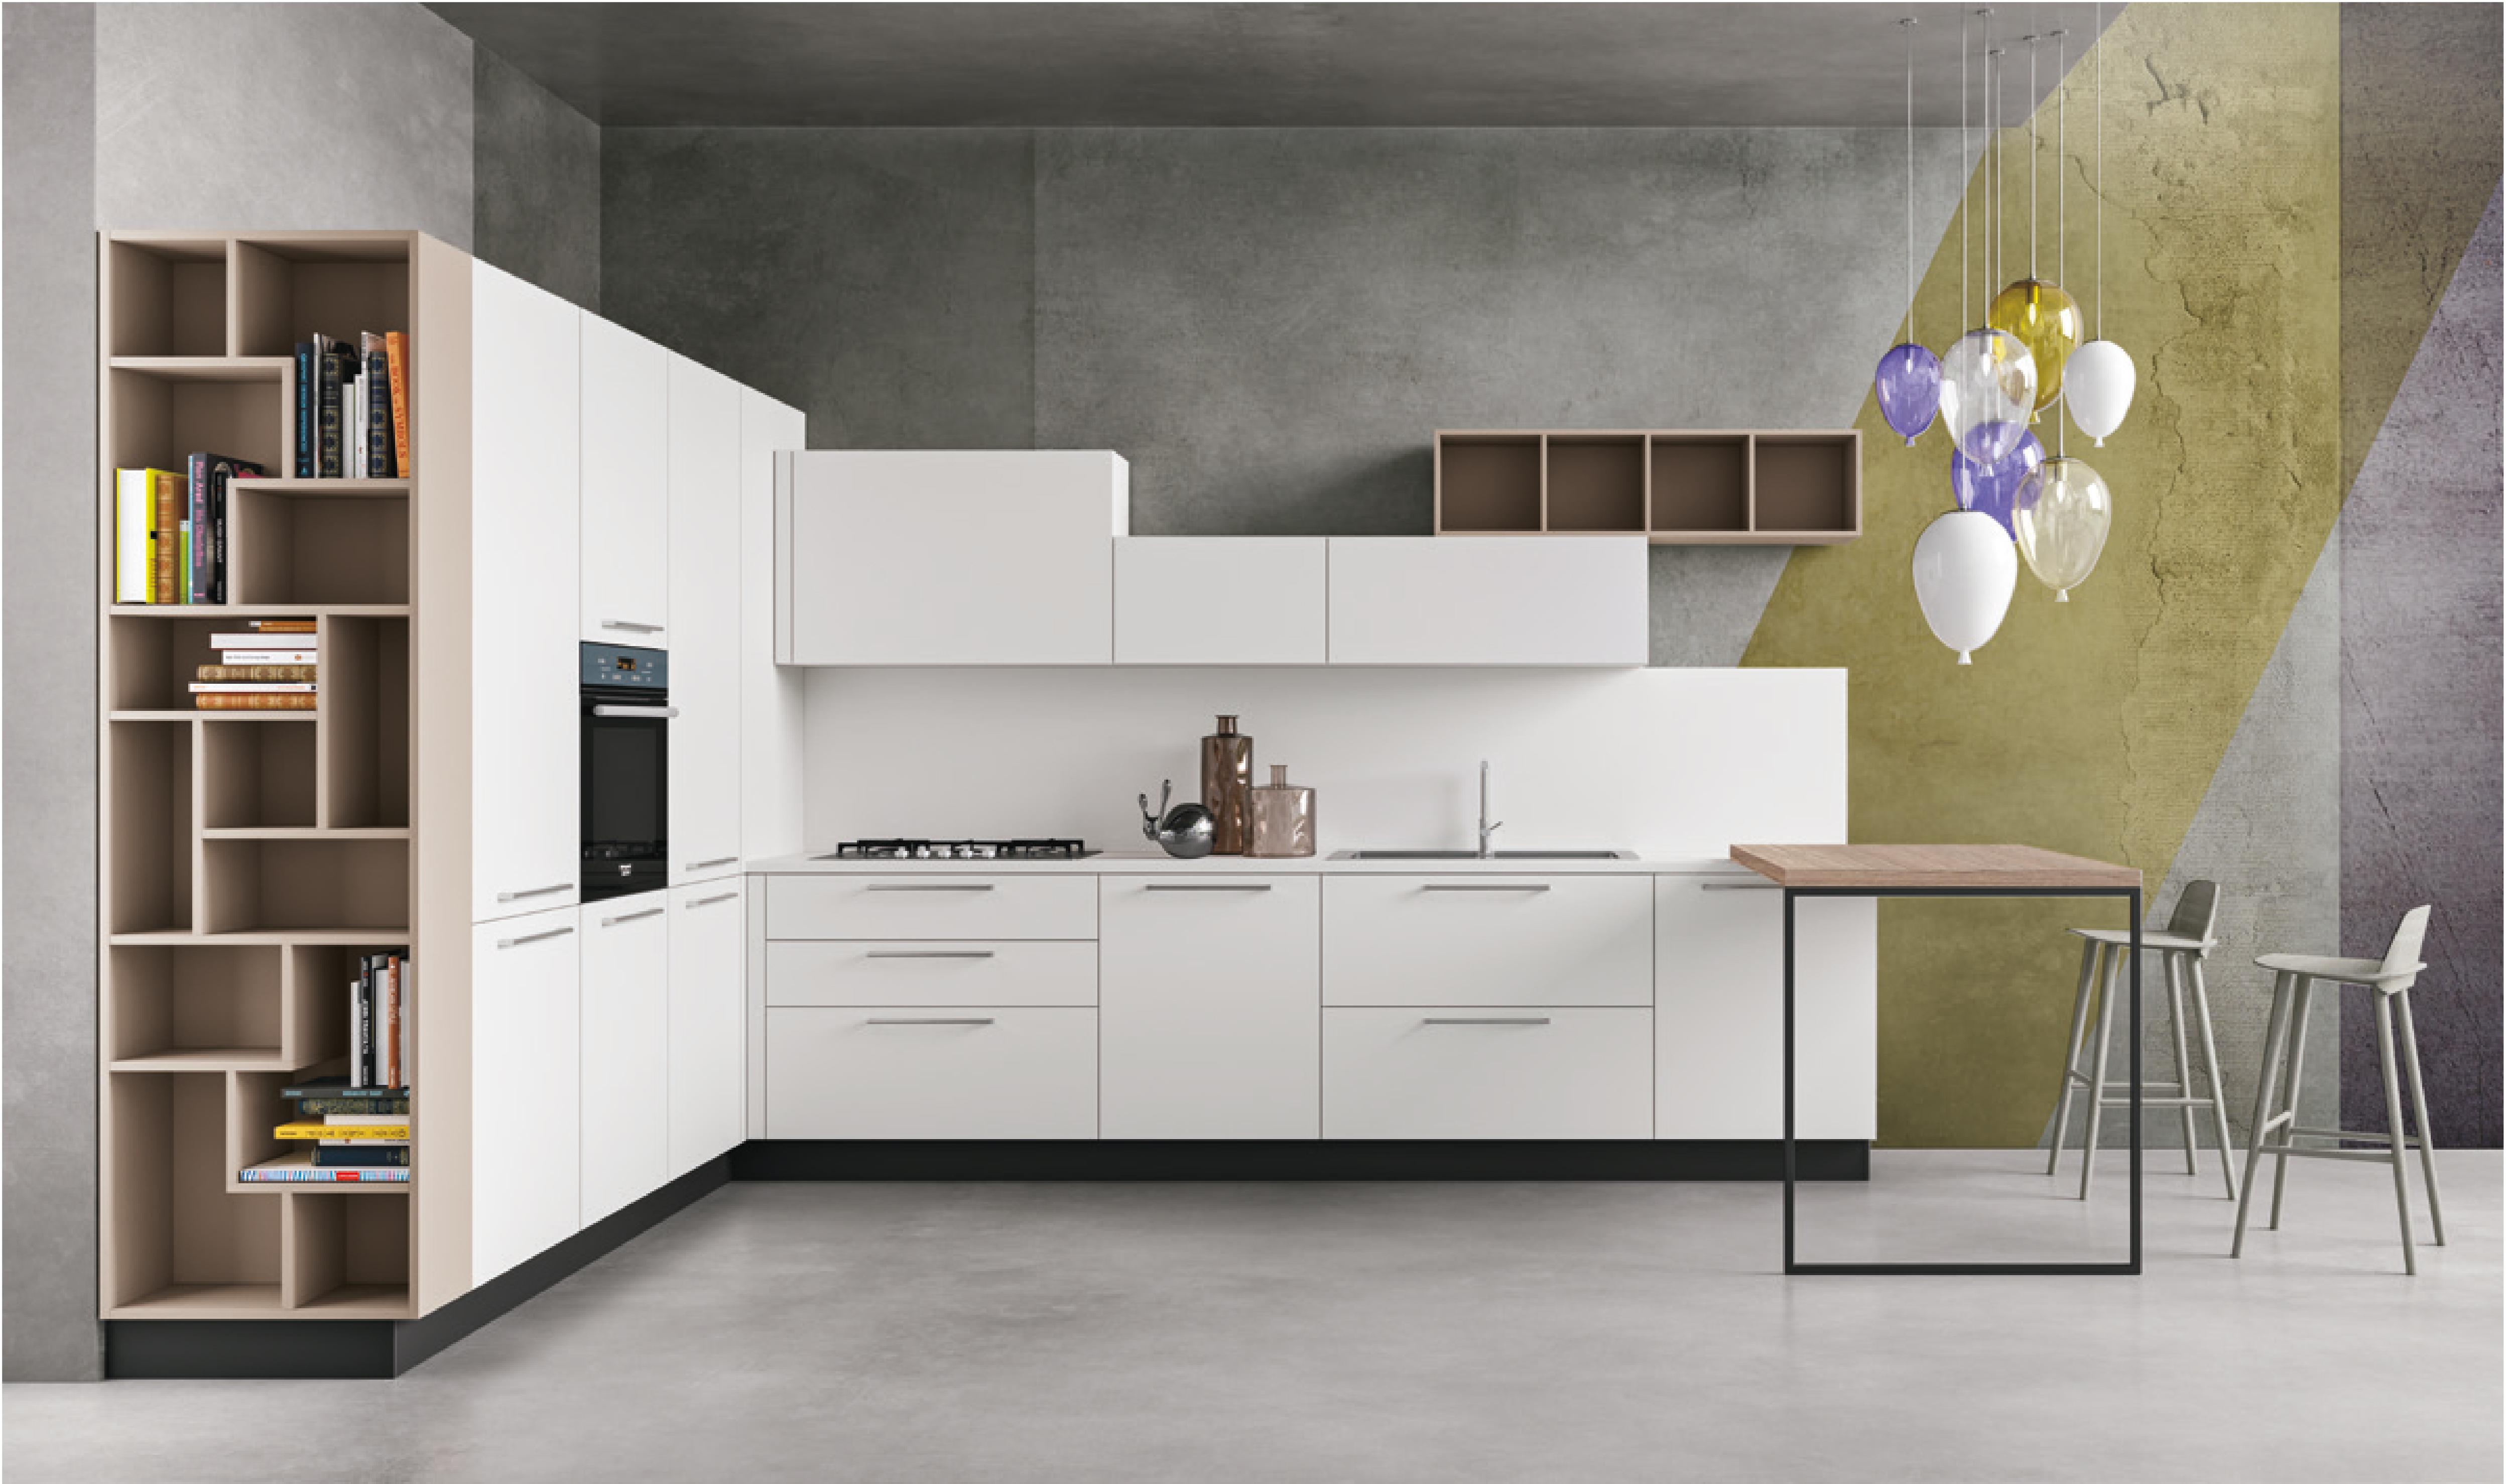 Tiffany spazio arreda hart realizza l 39 arredamento for Cucine moderne harte